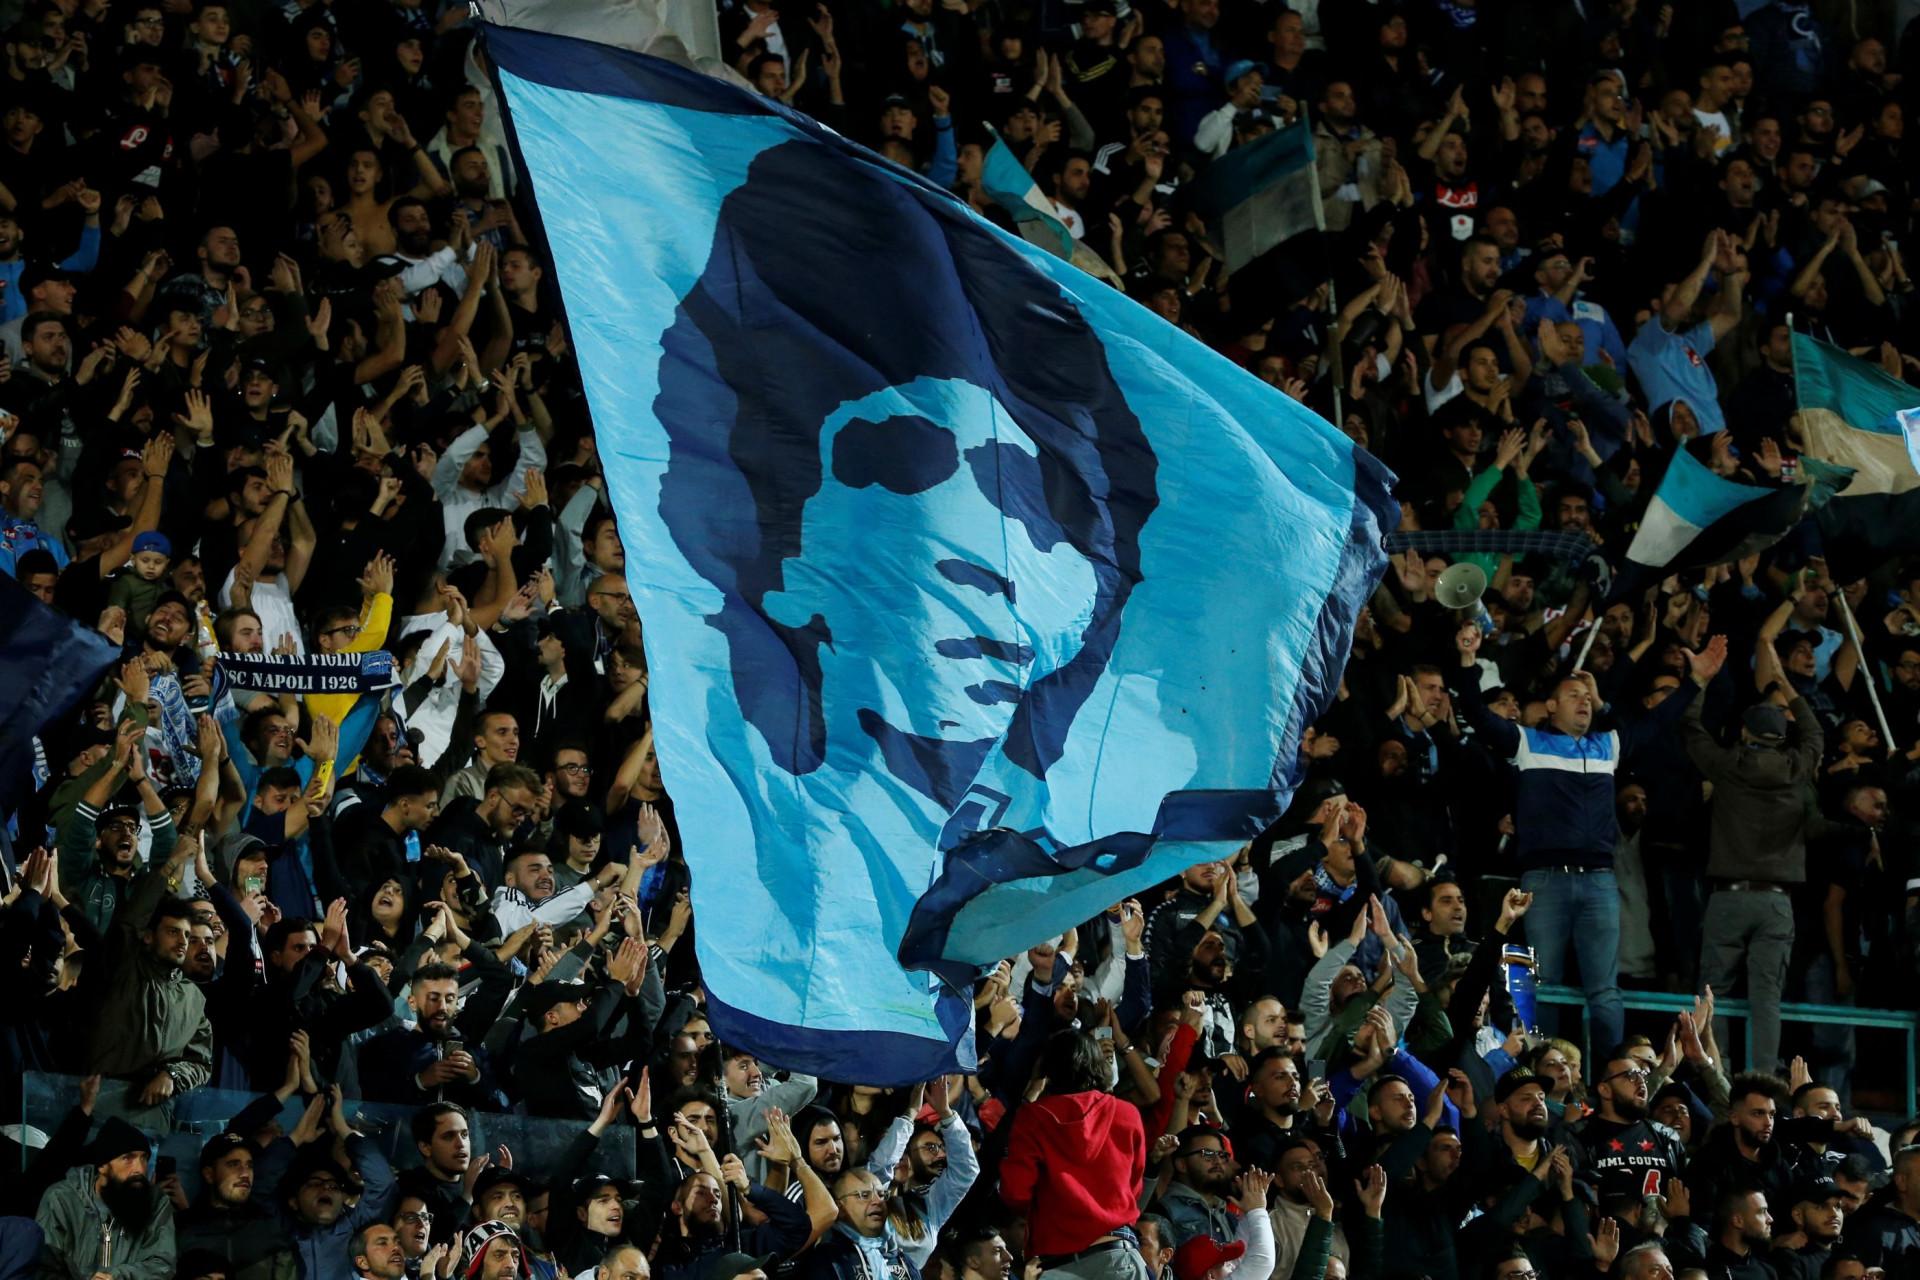 Frases da semana: Da 'vergonha do futebol' ao 'reinado de um só rei'